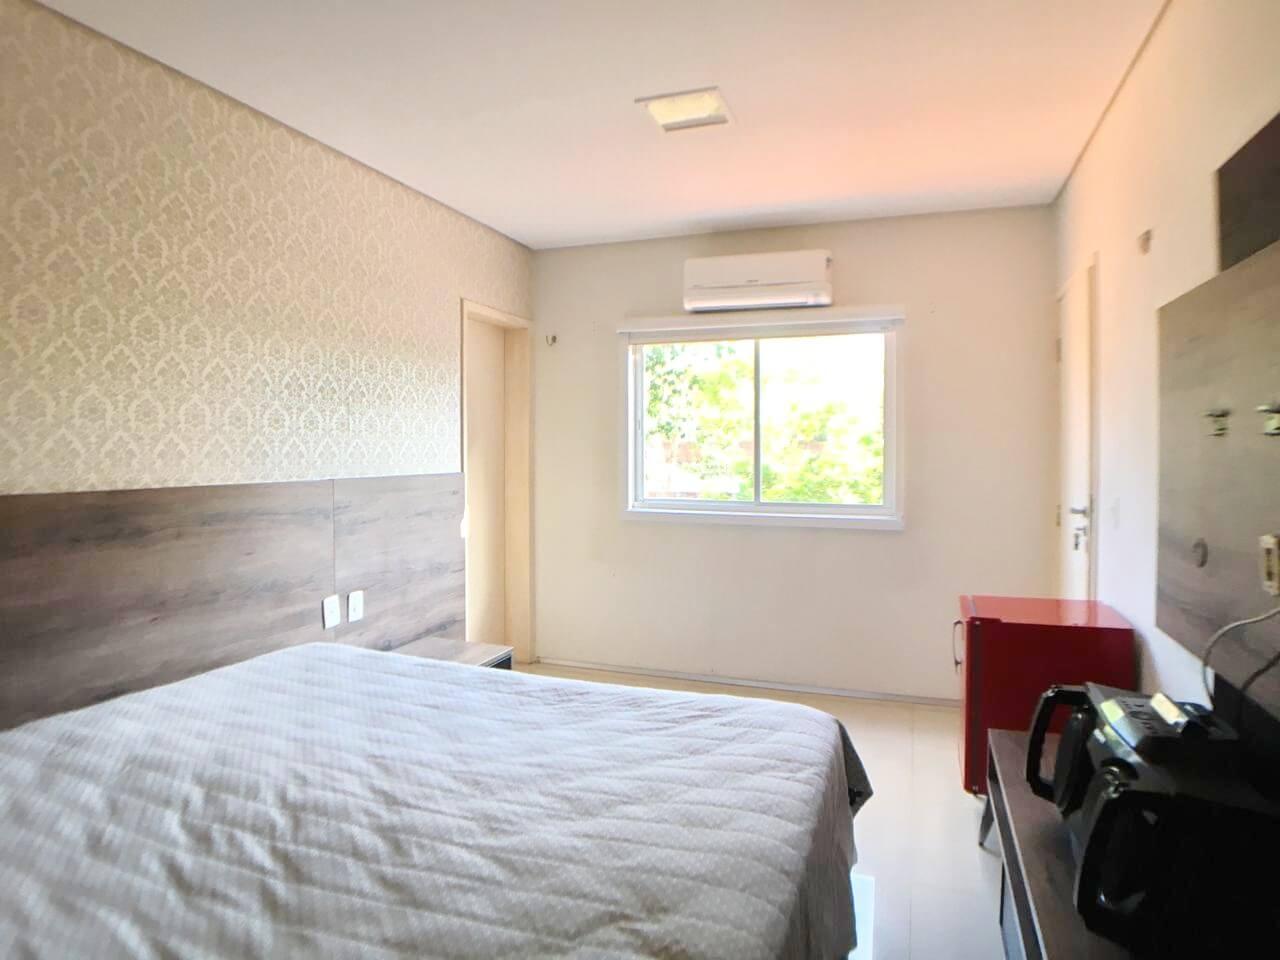 Casa com 04 quartos no Gurupi